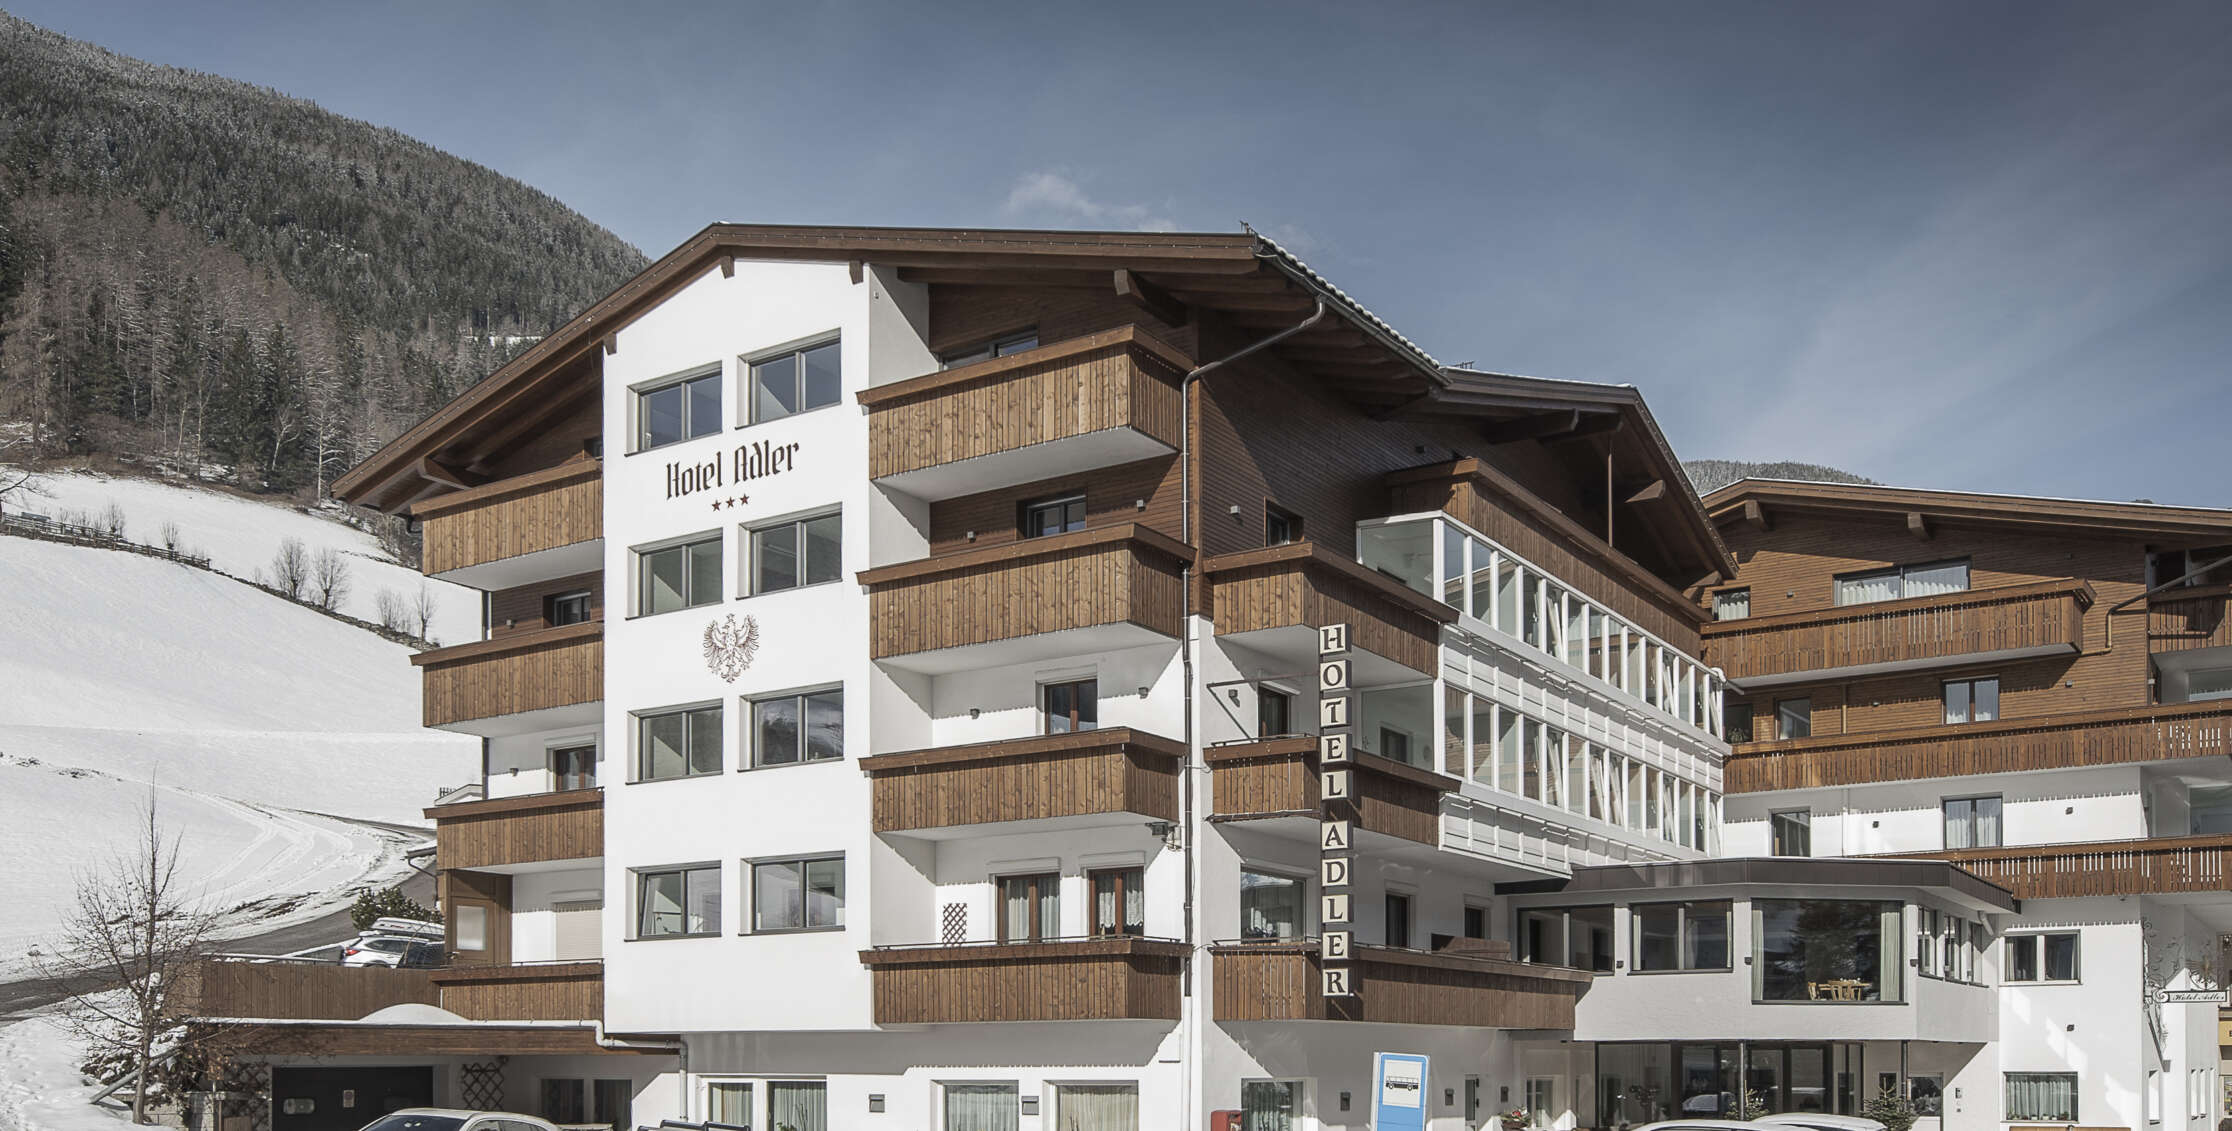 001 Hotel Adler2020 © Kottersteger 200130  Dsc9542 Bearbeitet